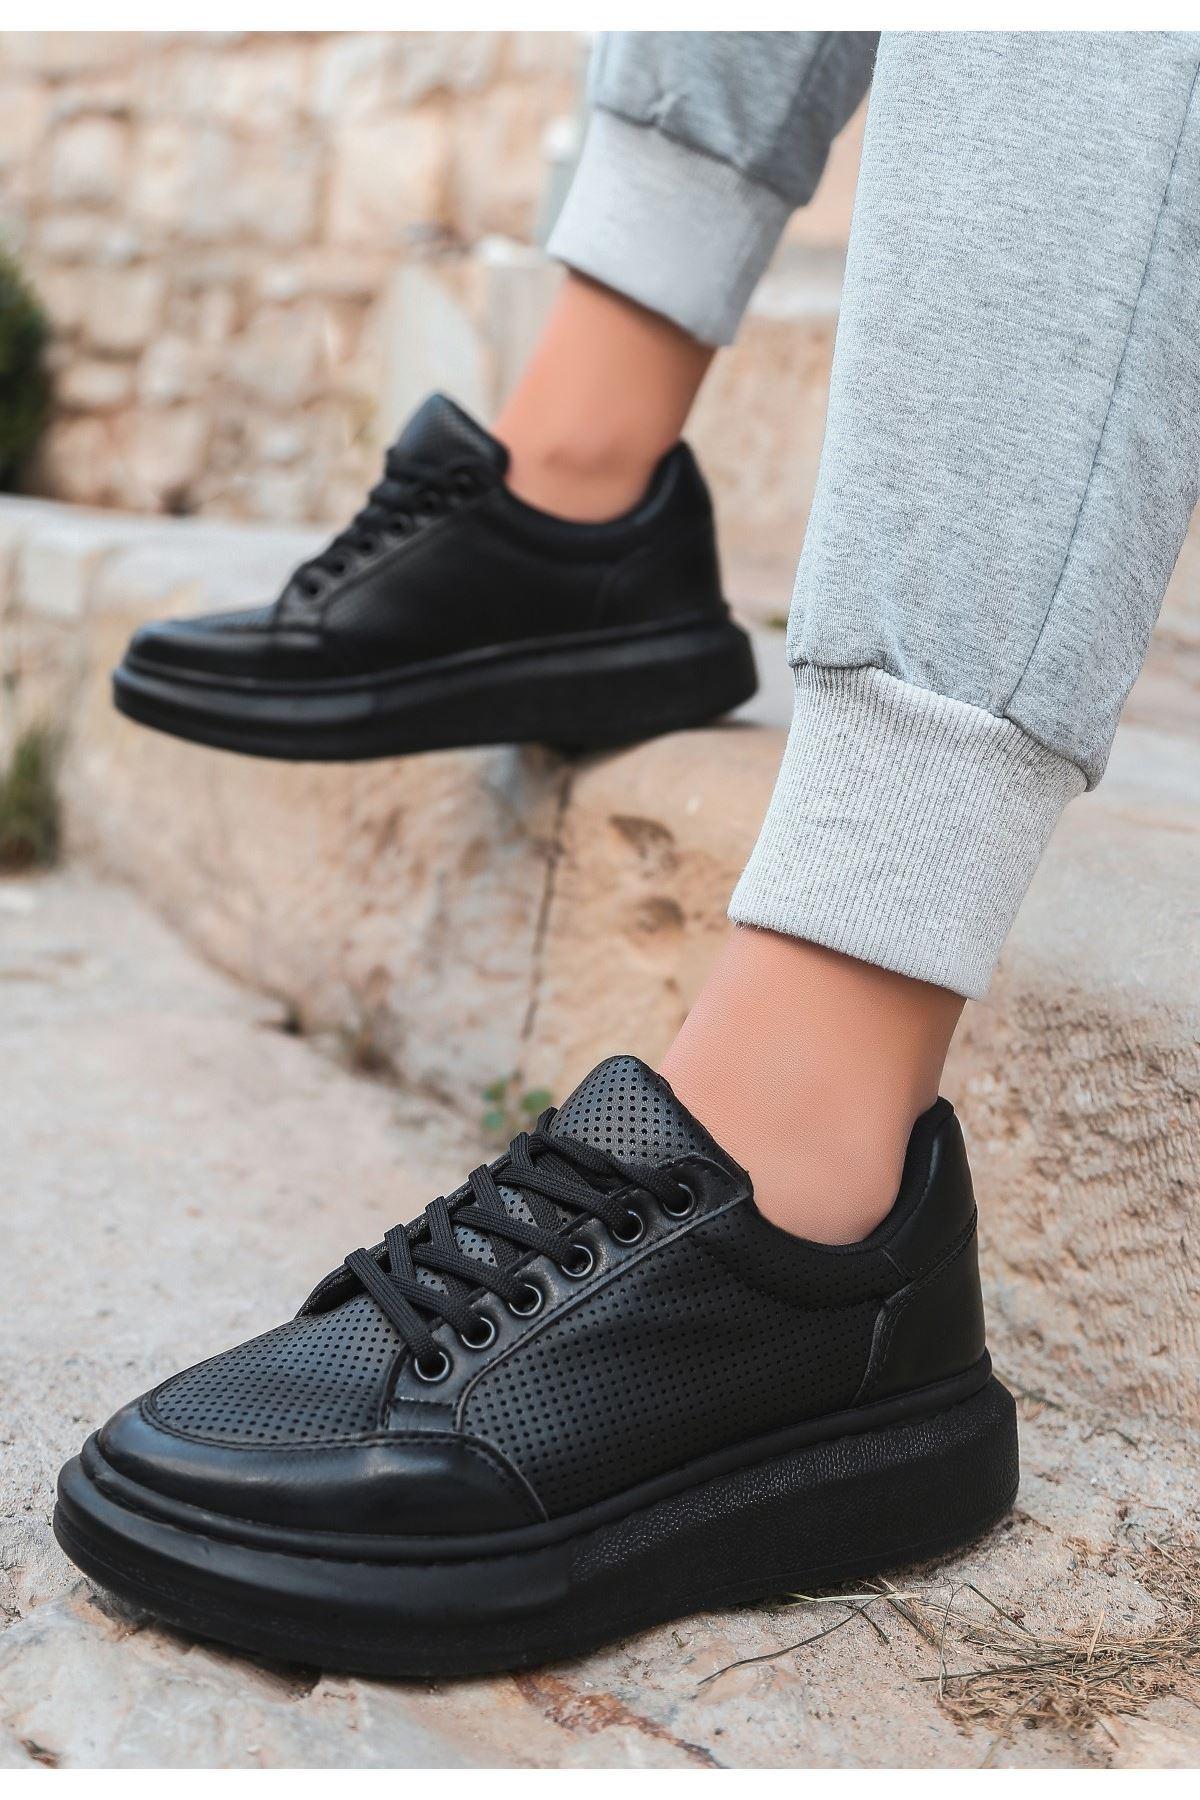 Voni Siyah Cilt Fileli Bağcıklı Spor Ayakkabı